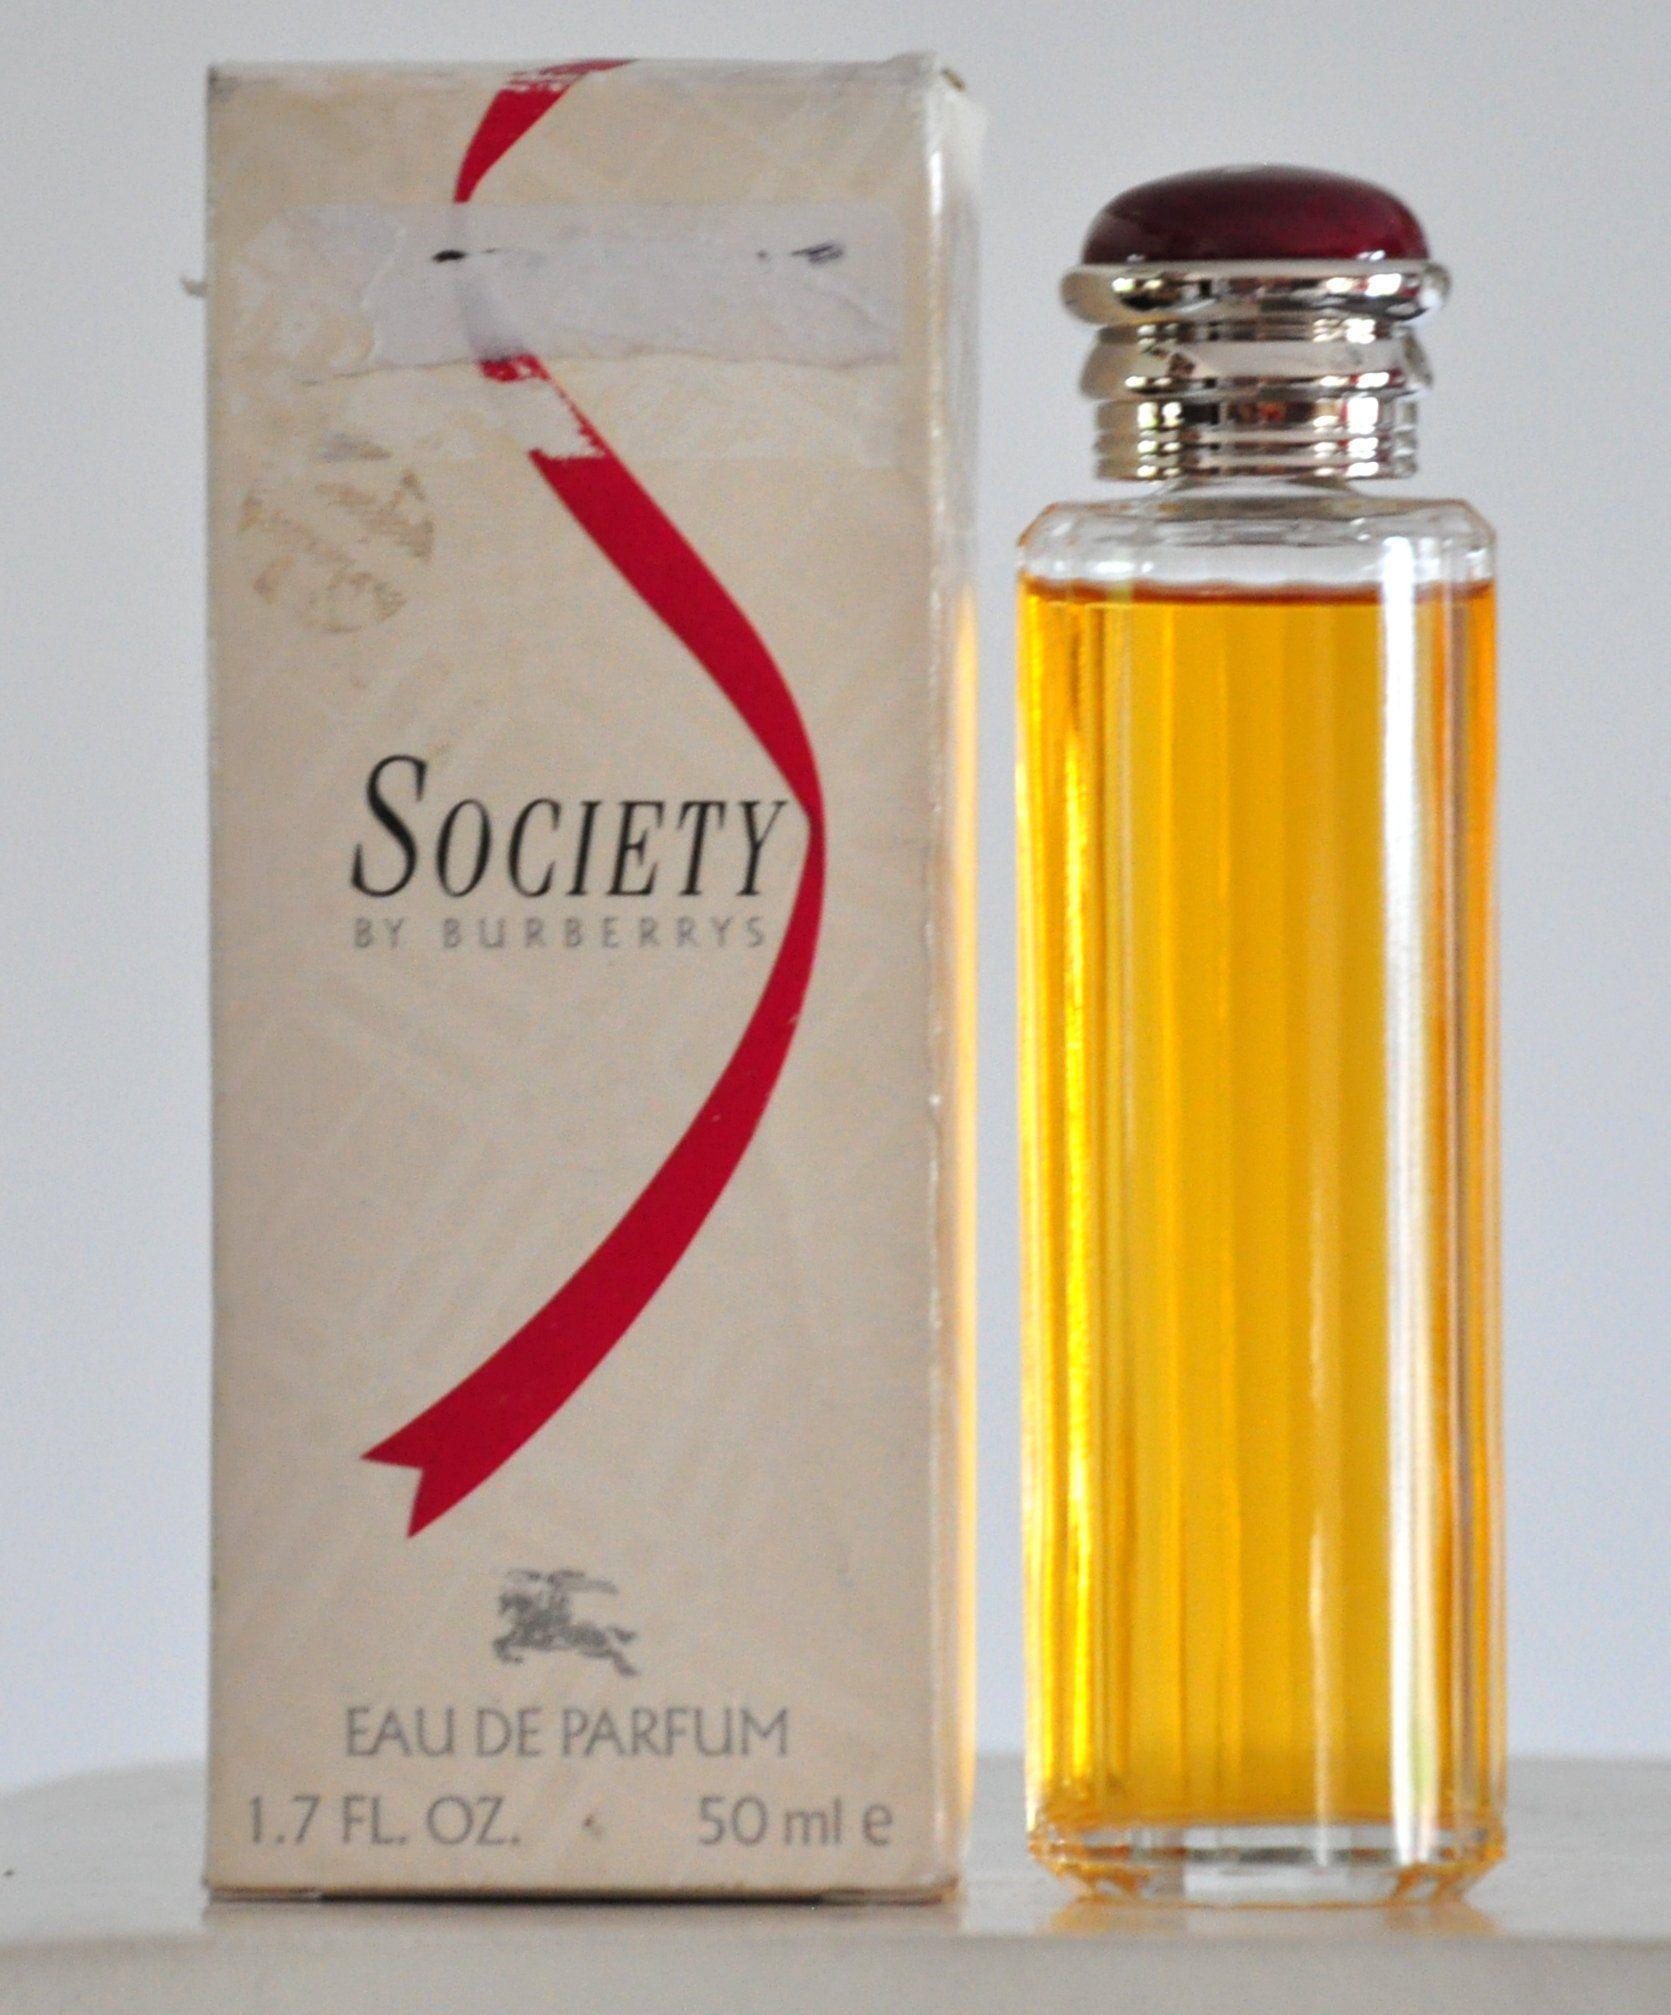 Splash 50ml Society Spray De Edp Burberry Parfum 1 7 Eau FlOzNo PkZiuOXTw